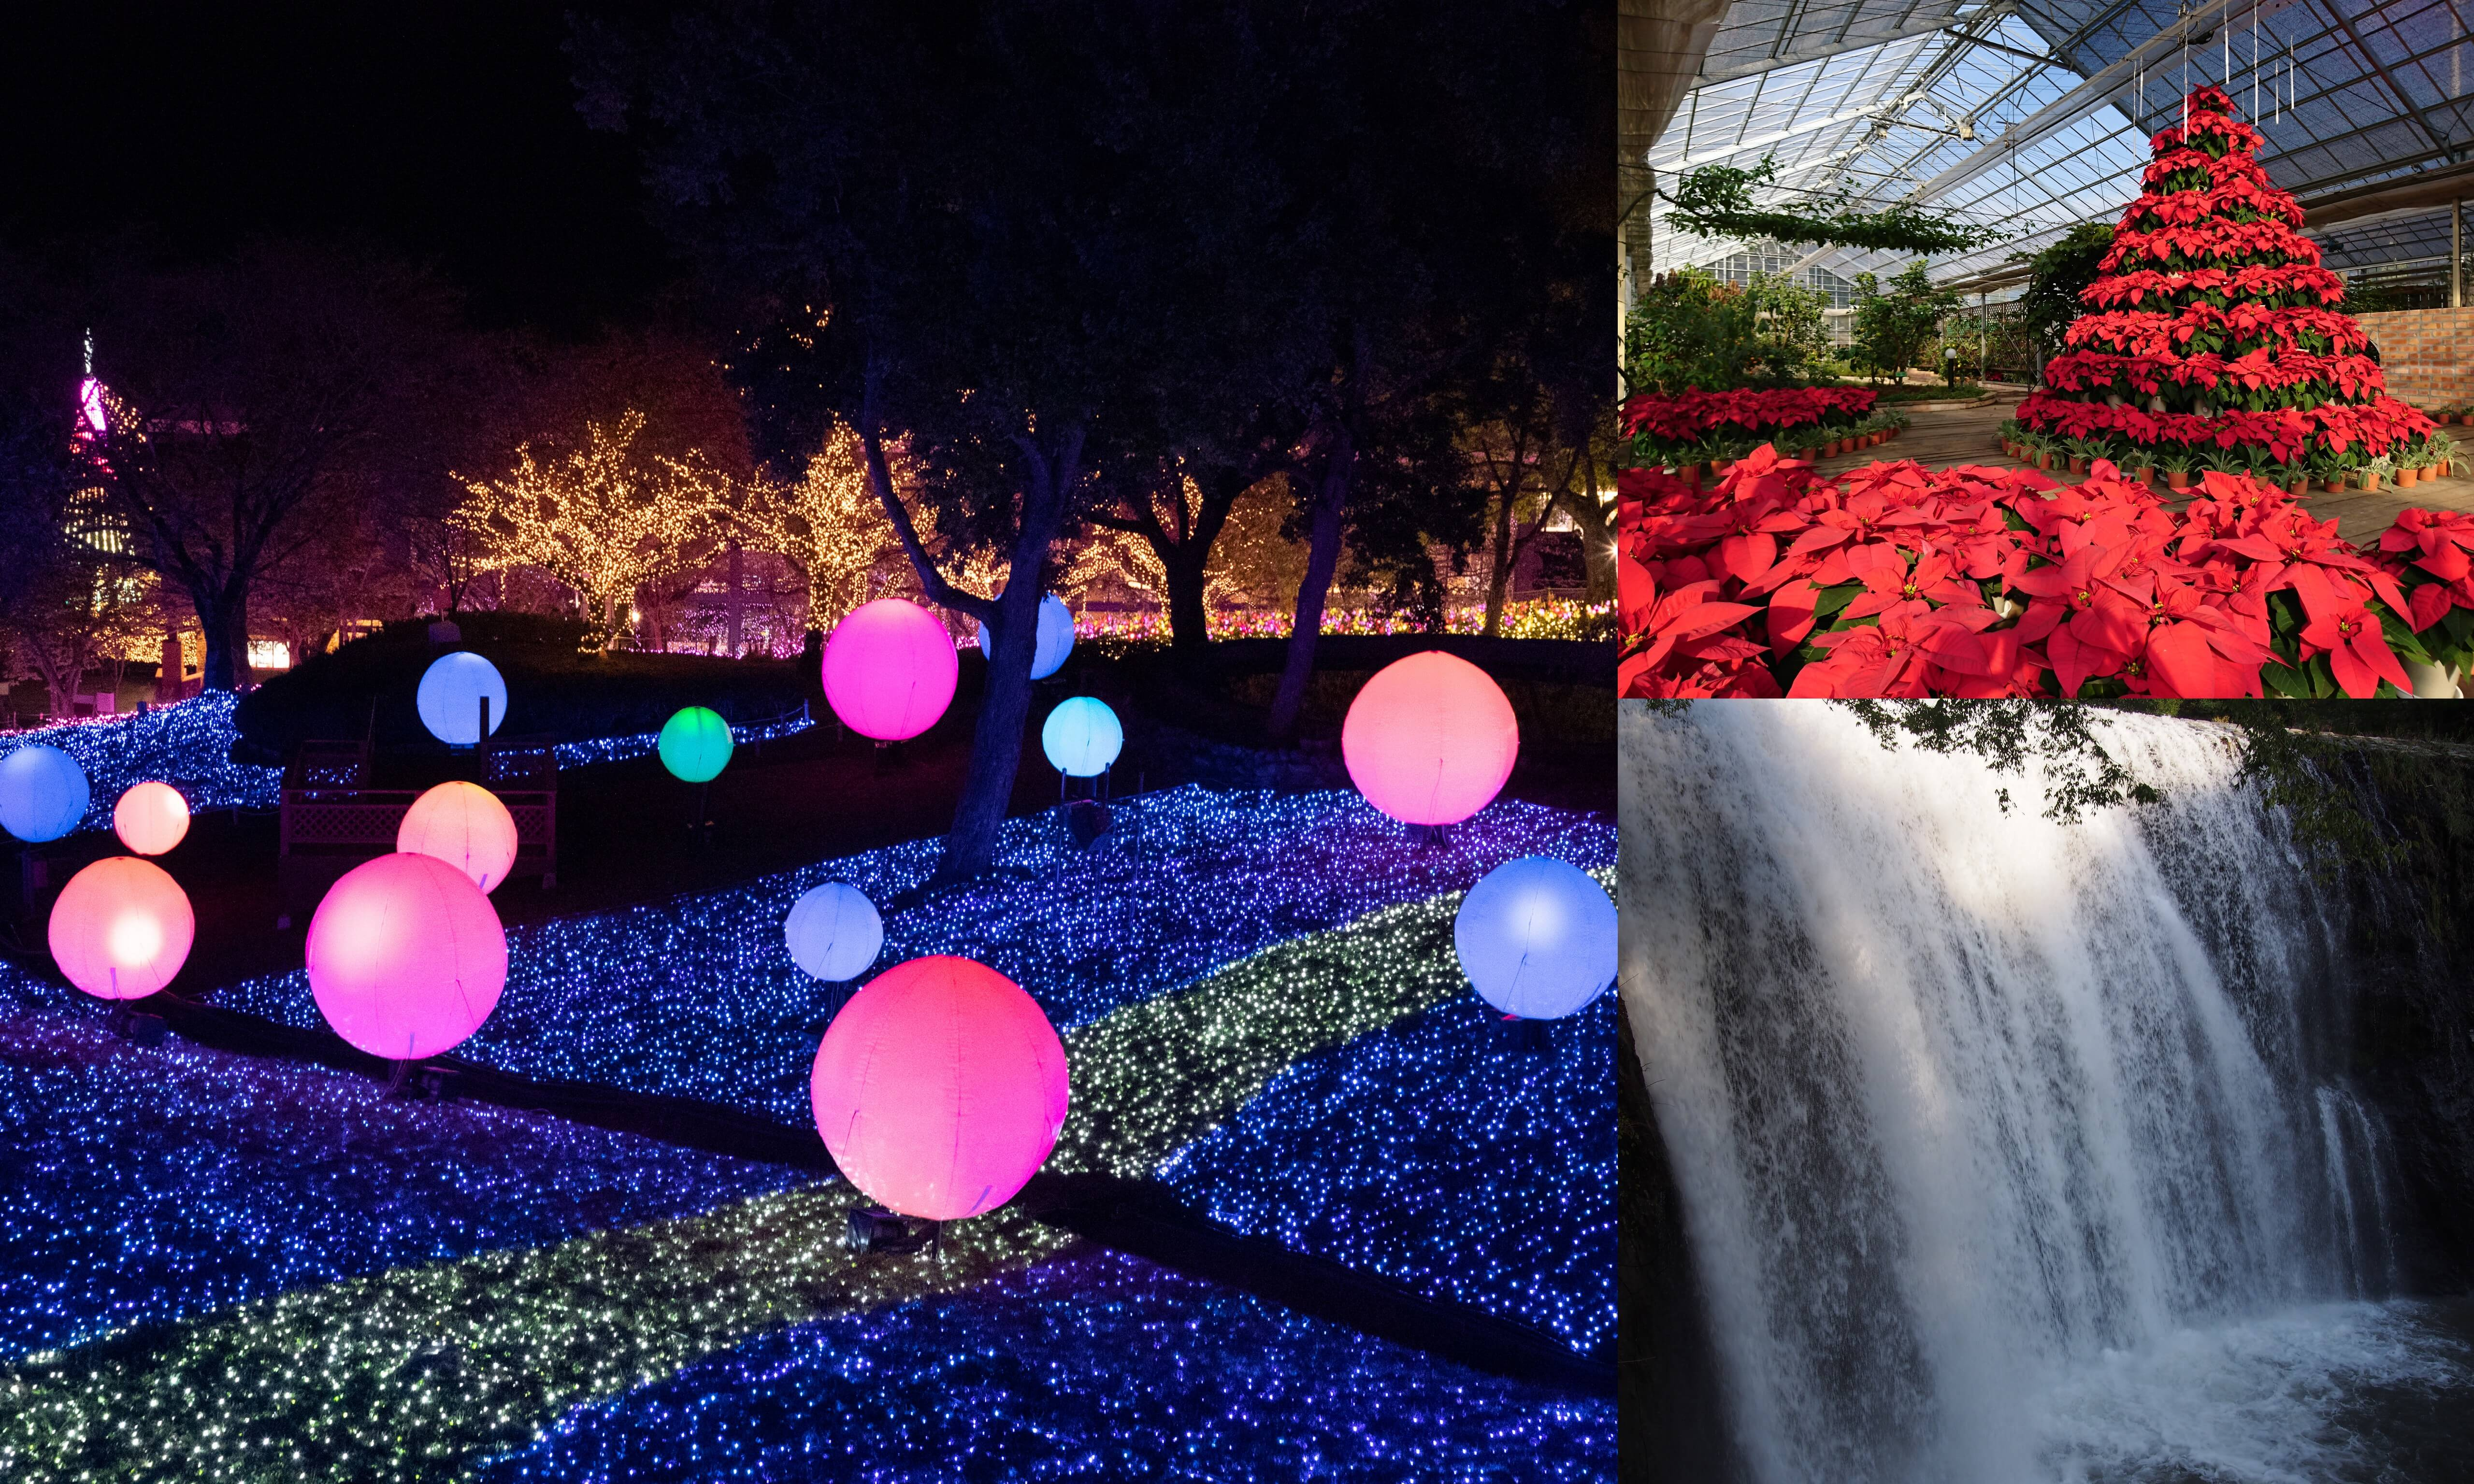 《GoToトラベル対象》ラストオータムSALE! 輝く光の祭典♪関東三大最大級約600万球のイルミネーション『さがみ湖イルミリオン』と晩秋のやまなしぶらり旅♪